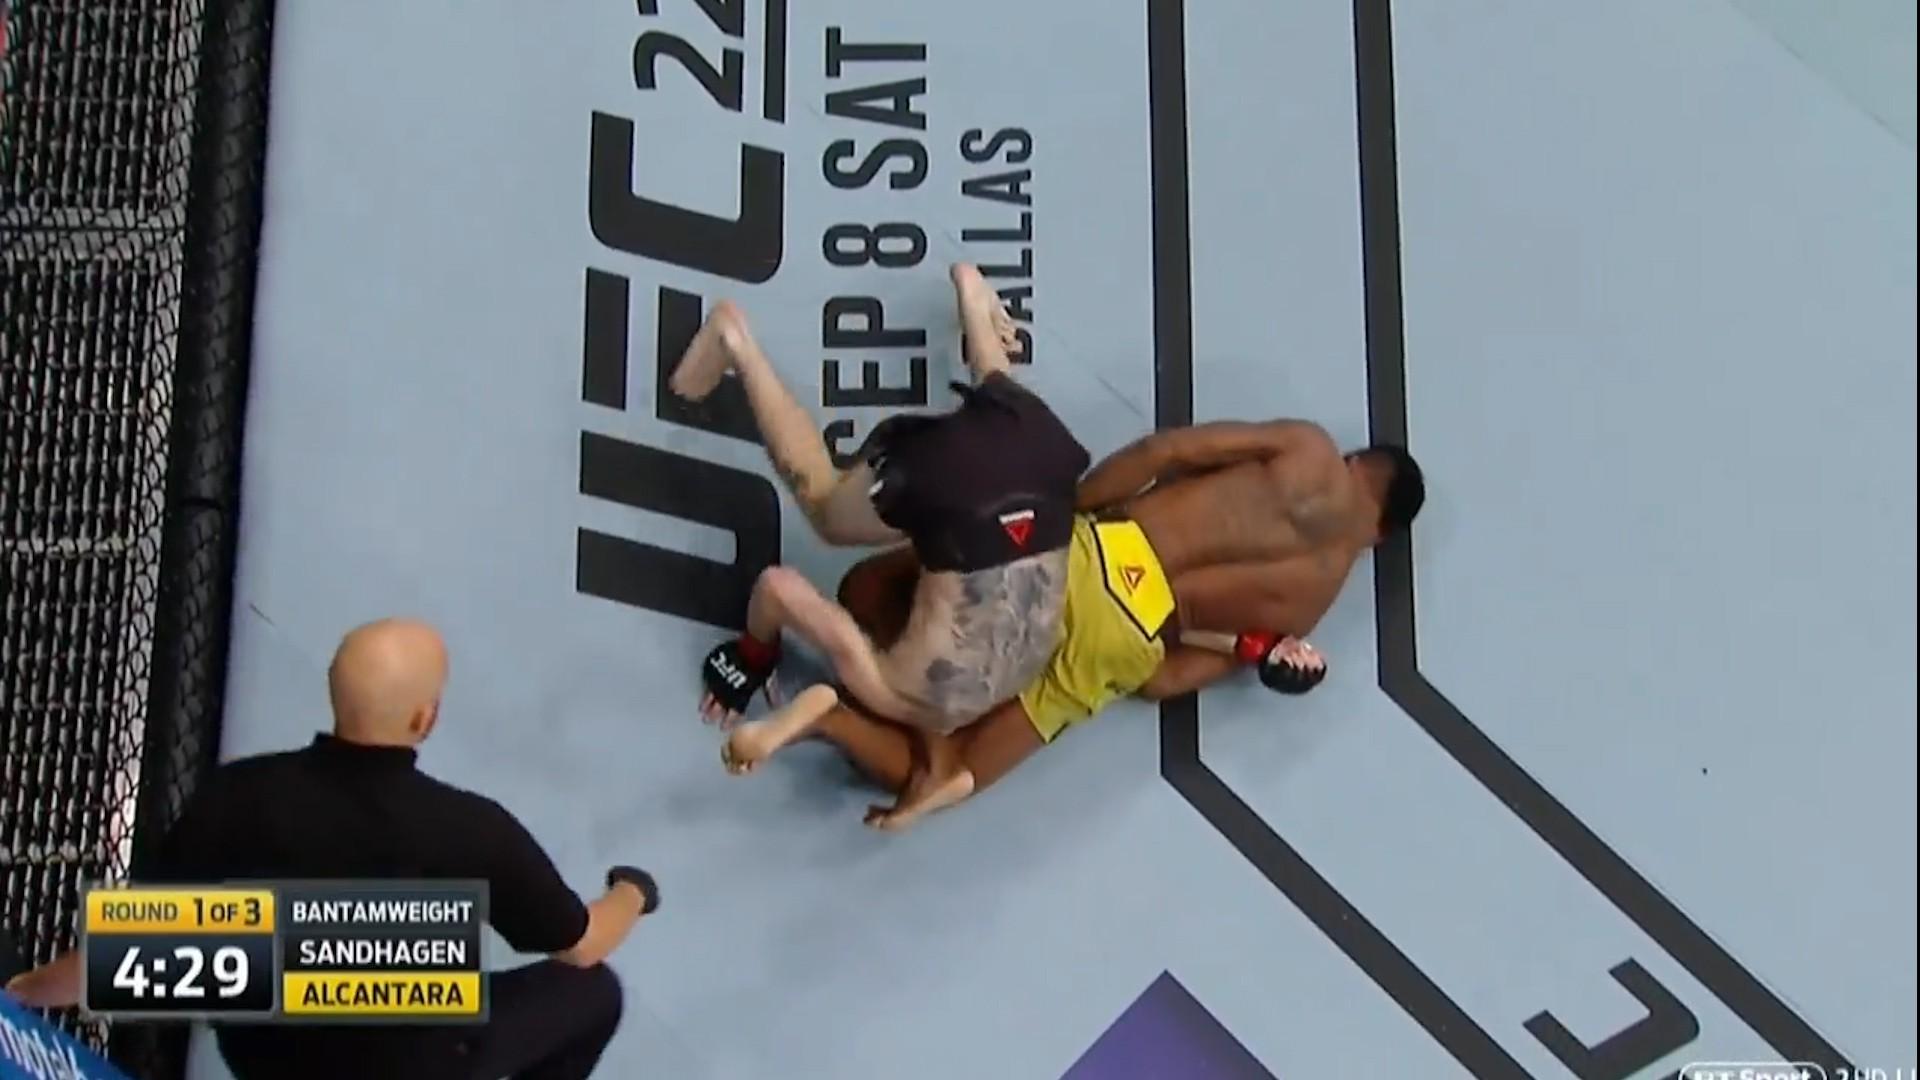 Cú thoát submission phong cách ngoài hành tinh tại UFC FN 135 - Ảnh 2.